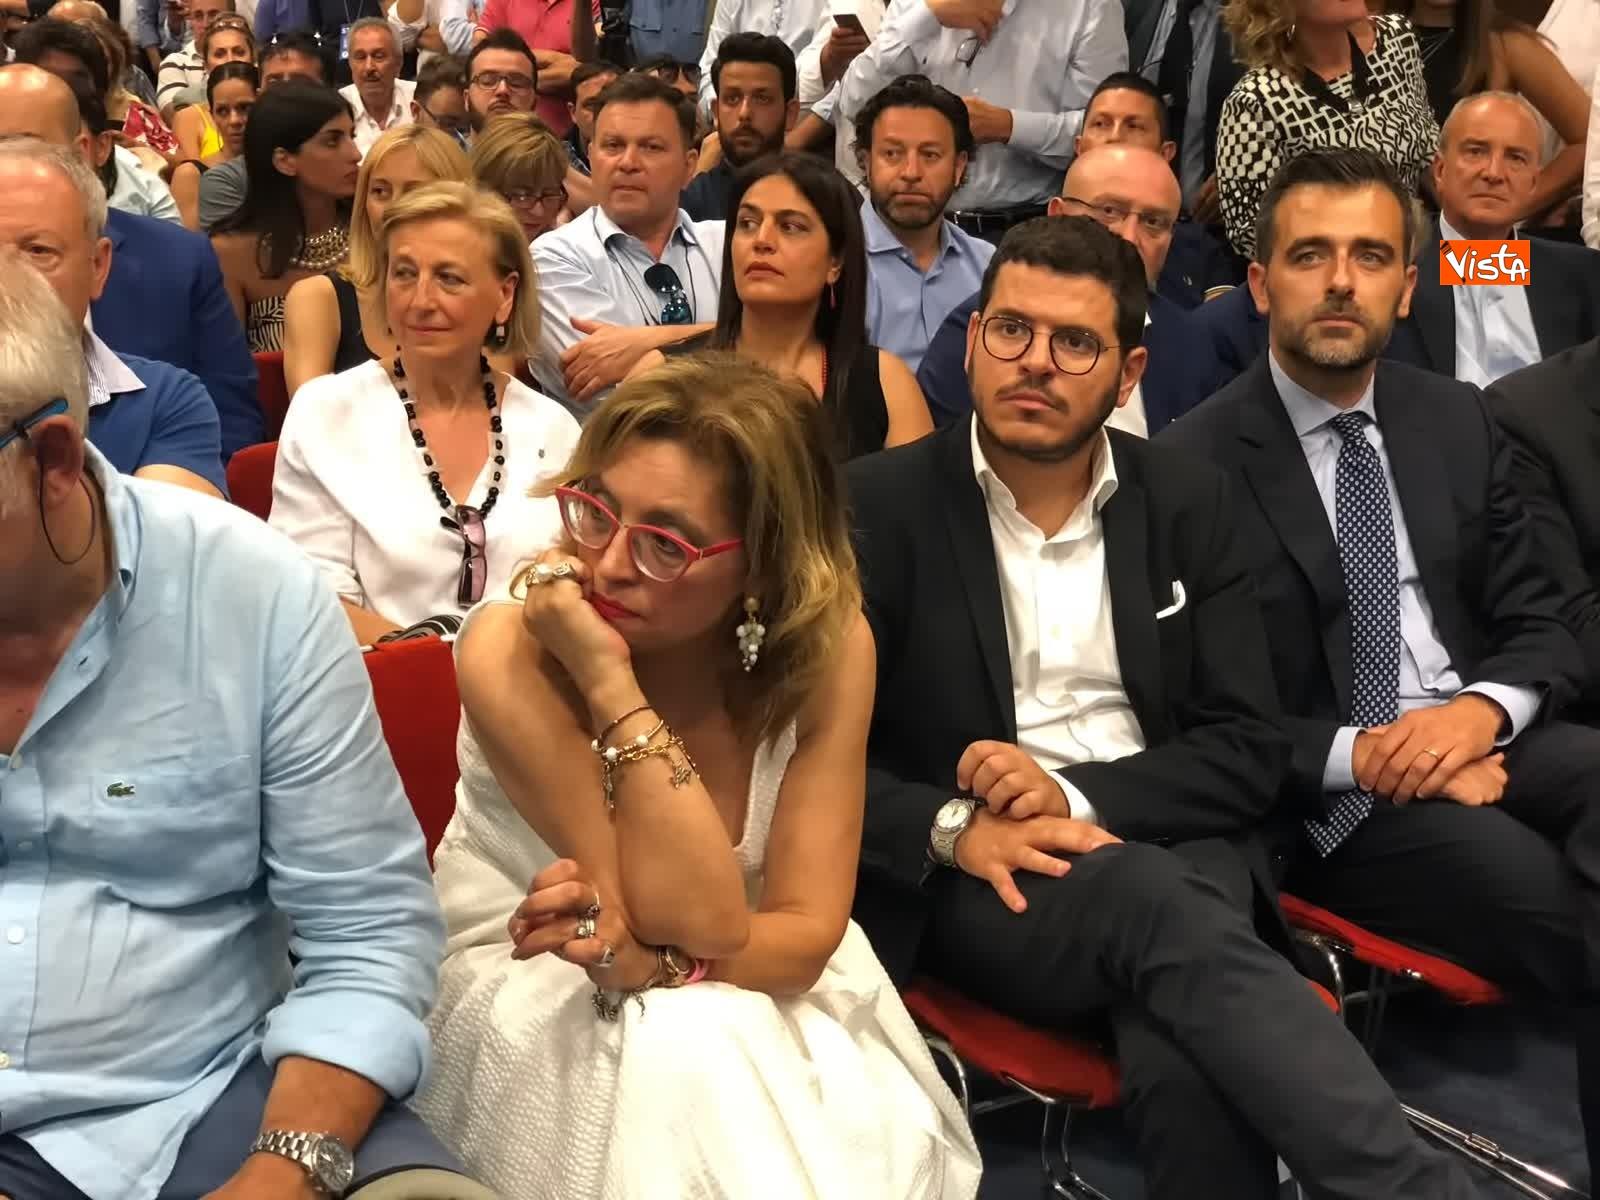 11-07-19 E sempre piu blu, Meloni ufficializza entrata a FdI del sindaco di Catania_11